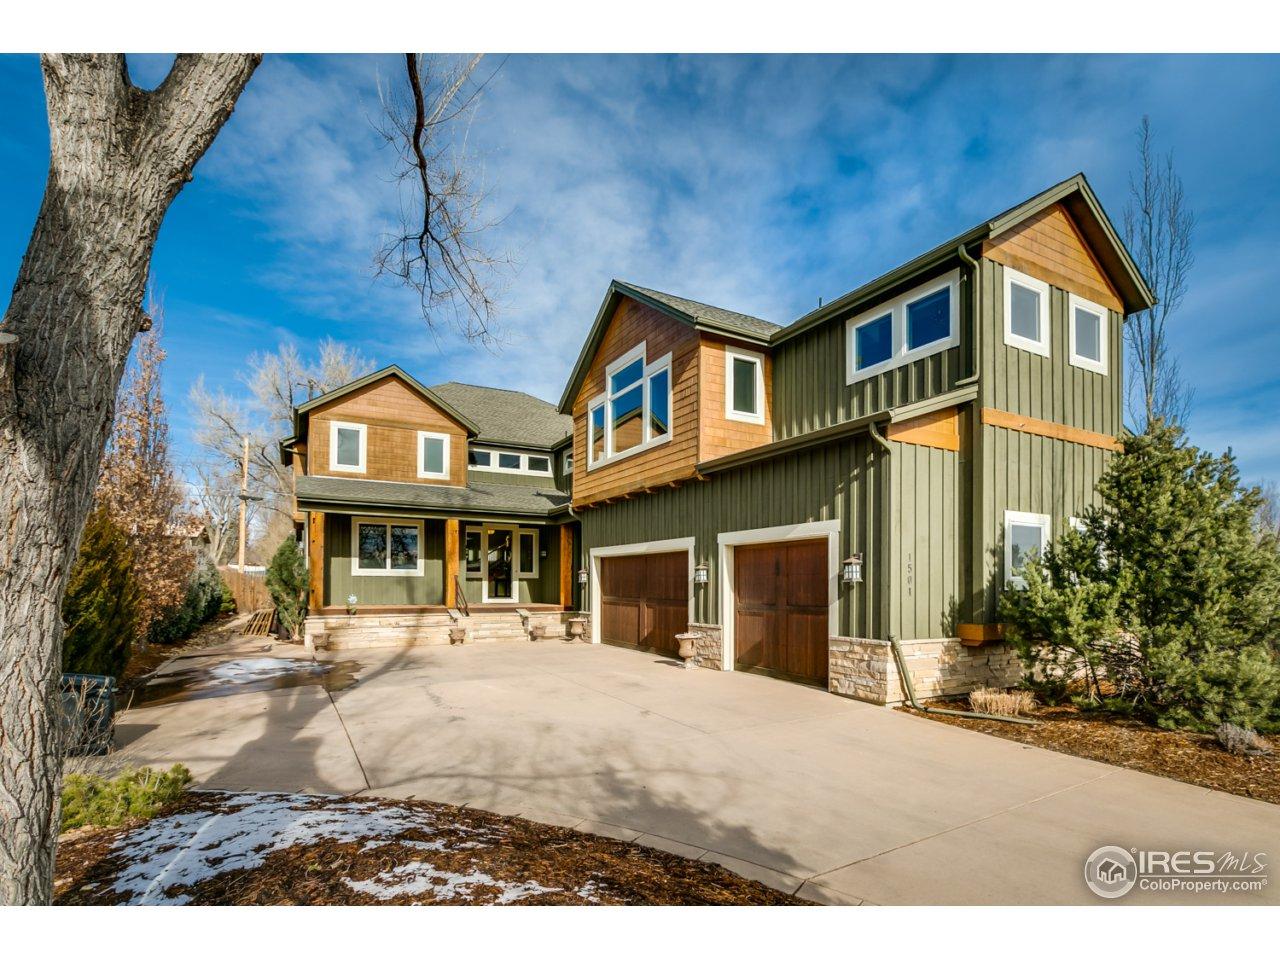 1501 Upland Ave, Boulder CO 80304